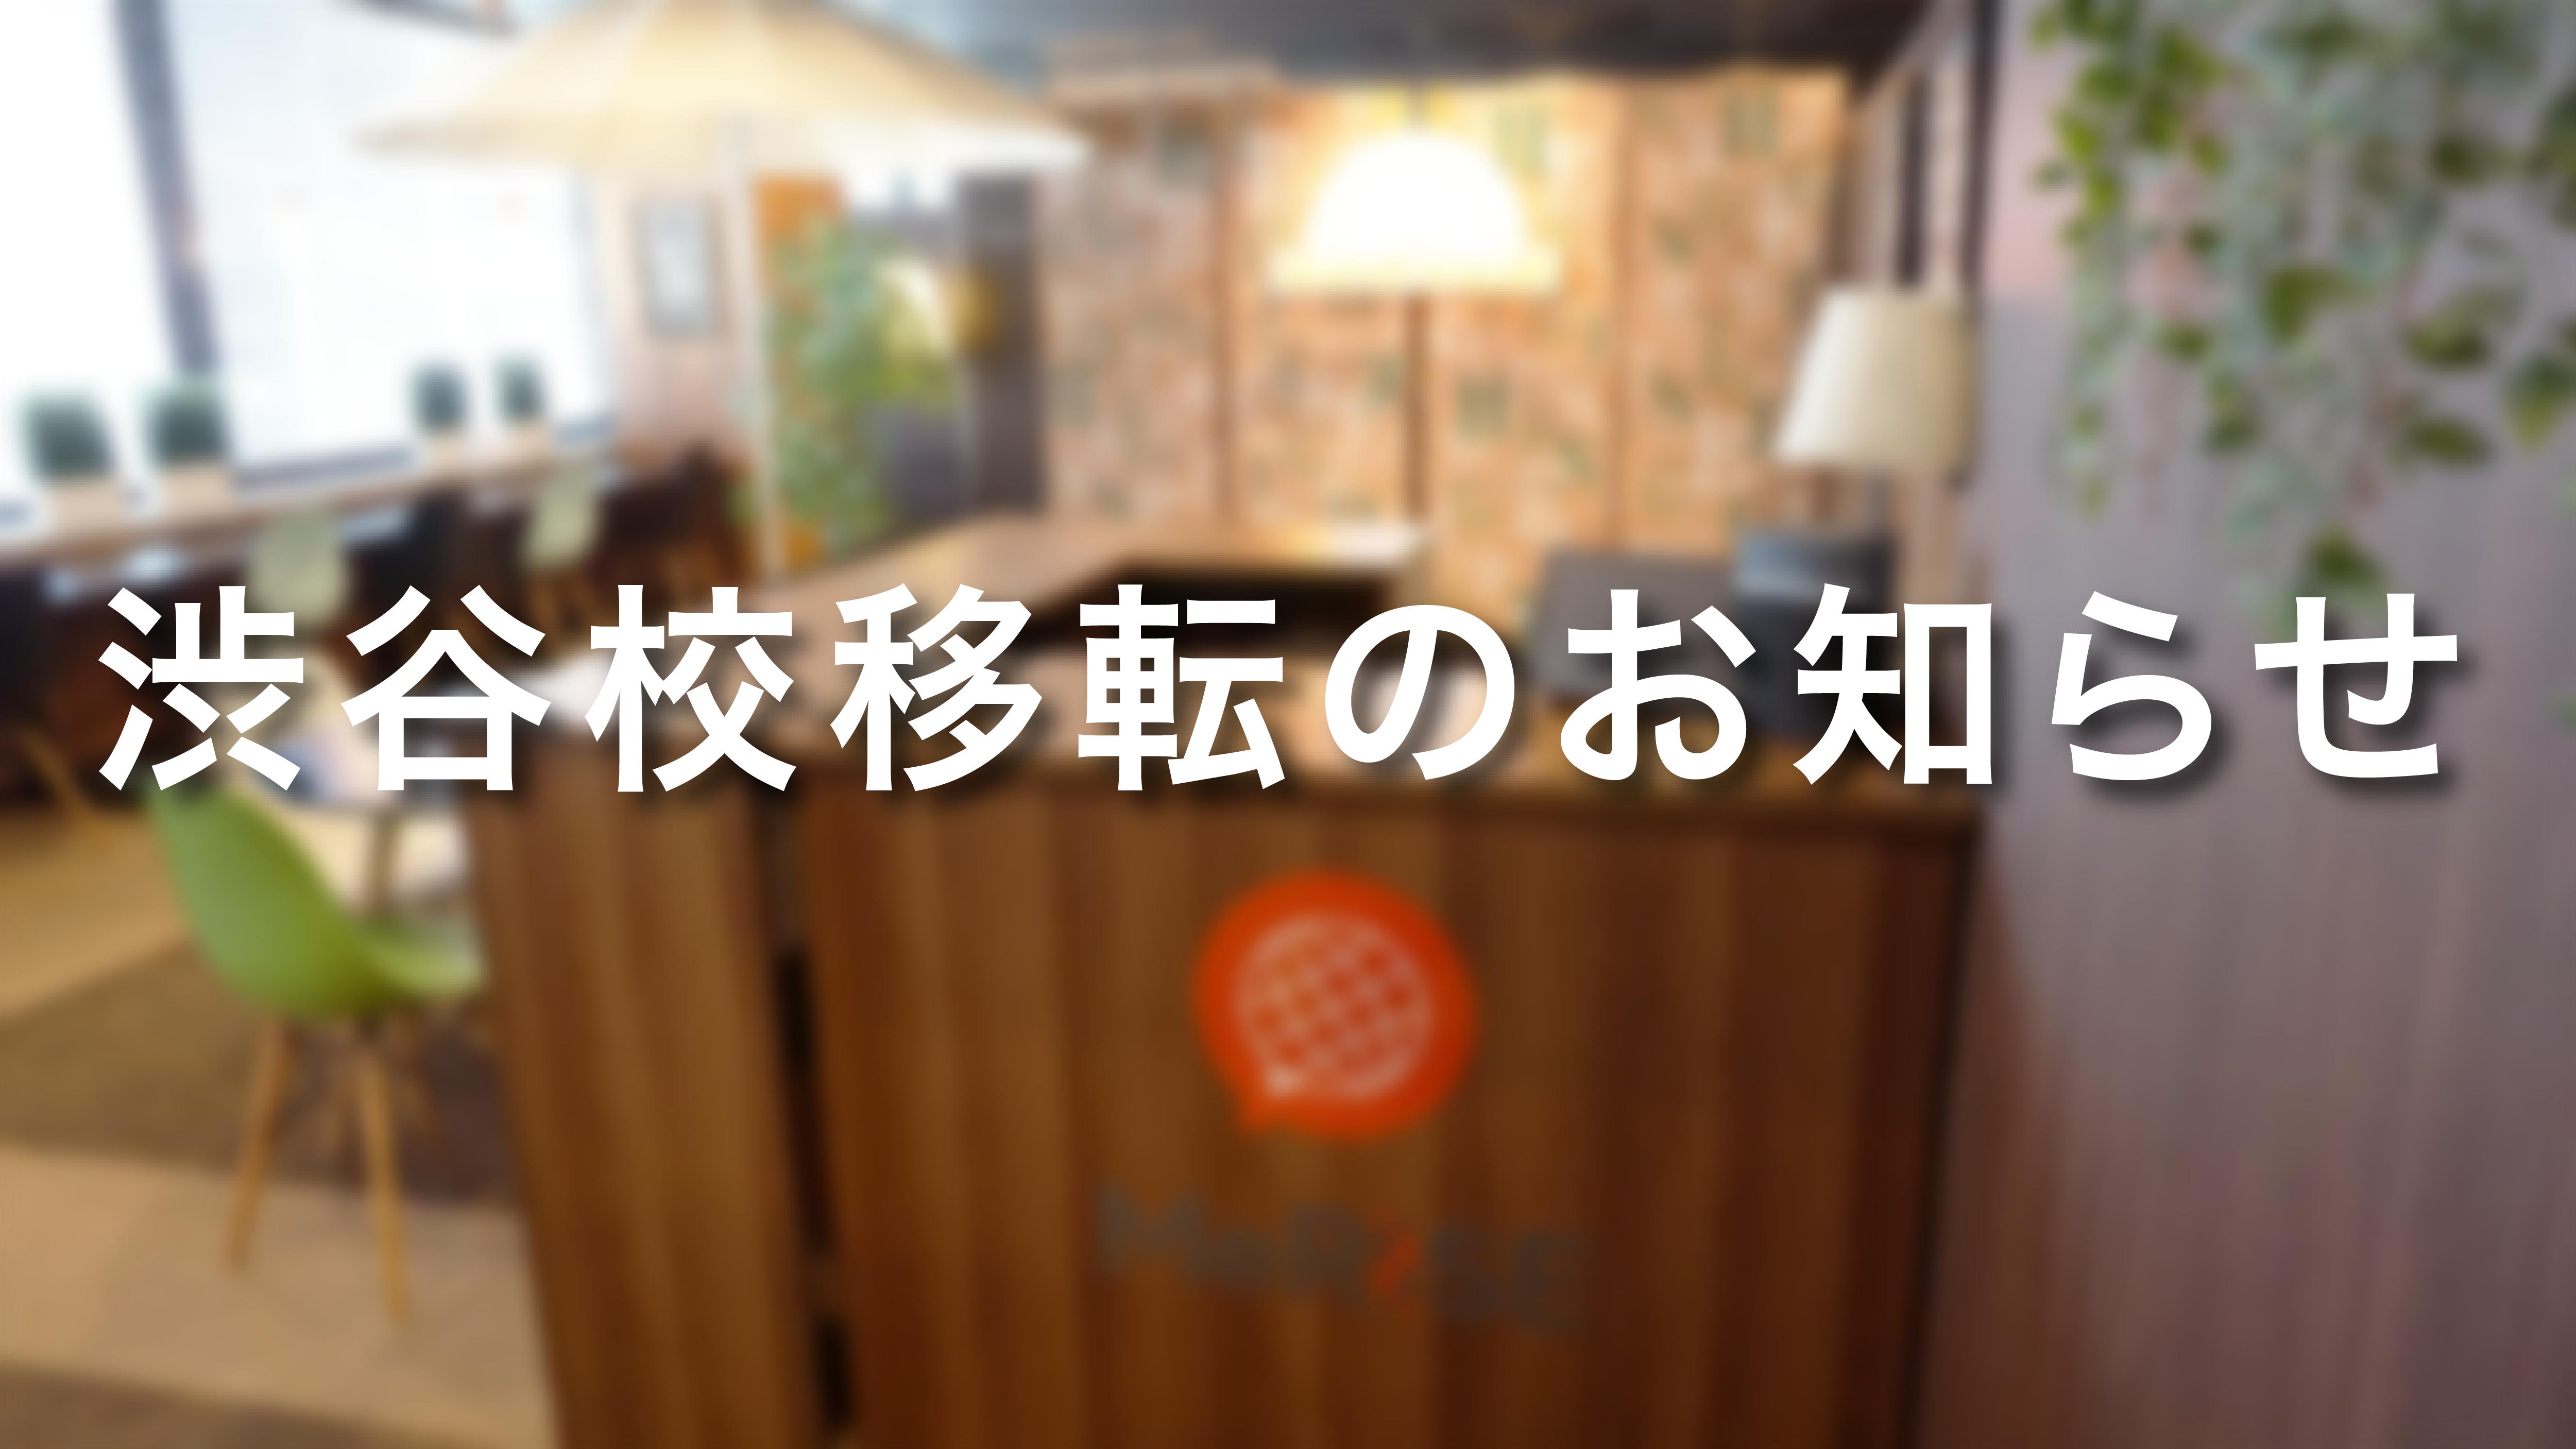 ミライズ英会話「渋谷校」移転のお知らせ